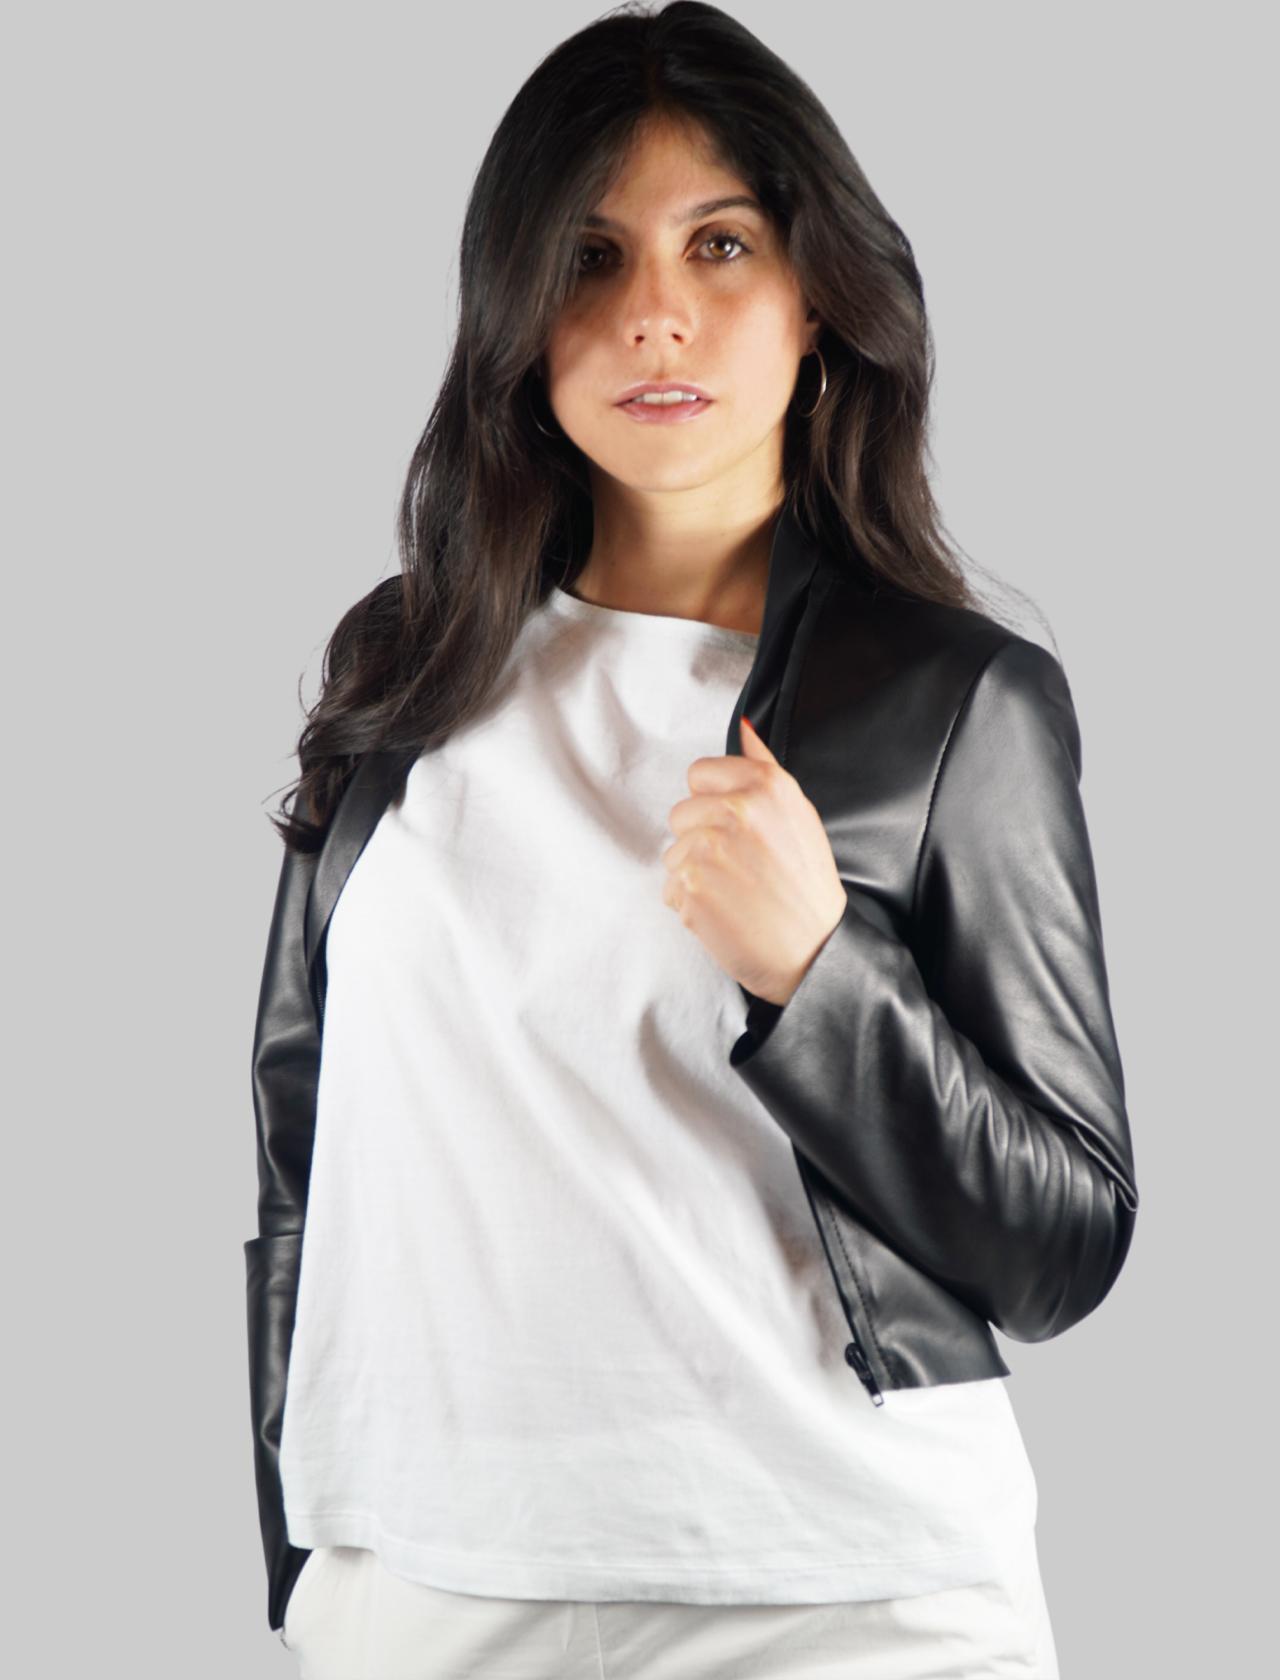 Abbigliamento Donna Giubbino Bolerino in Pelle Nera con Inserto sul Davanti in Pelle a Tono Spatarella | Giacche e giubbini | 2154001